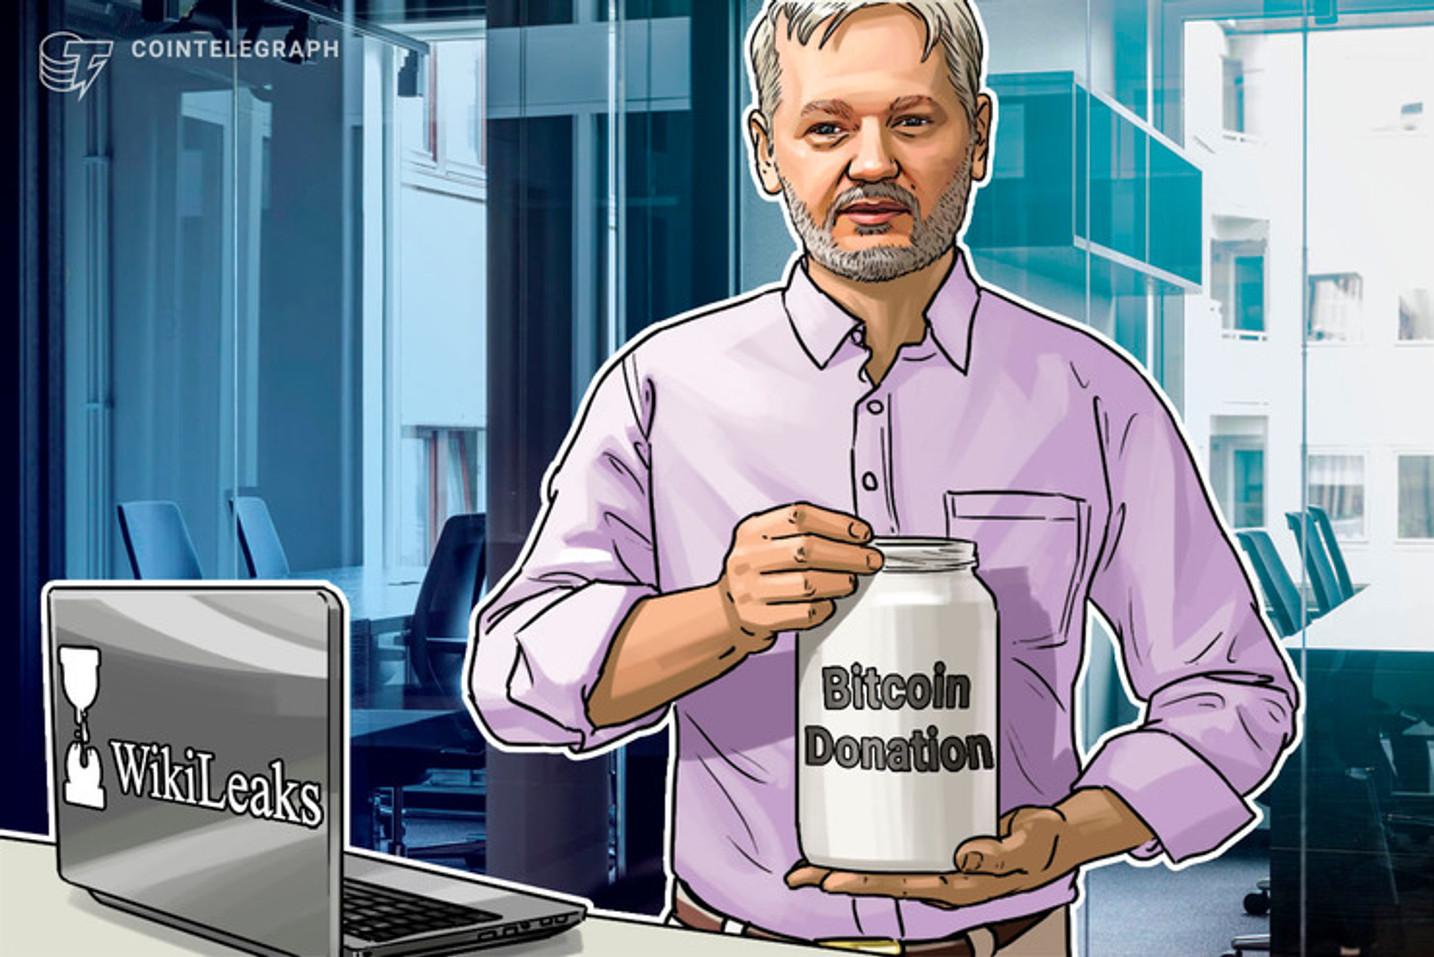 Dirección de Bitcoin de Wikileaks ha recibido más de 4,000 BTC en donaciones